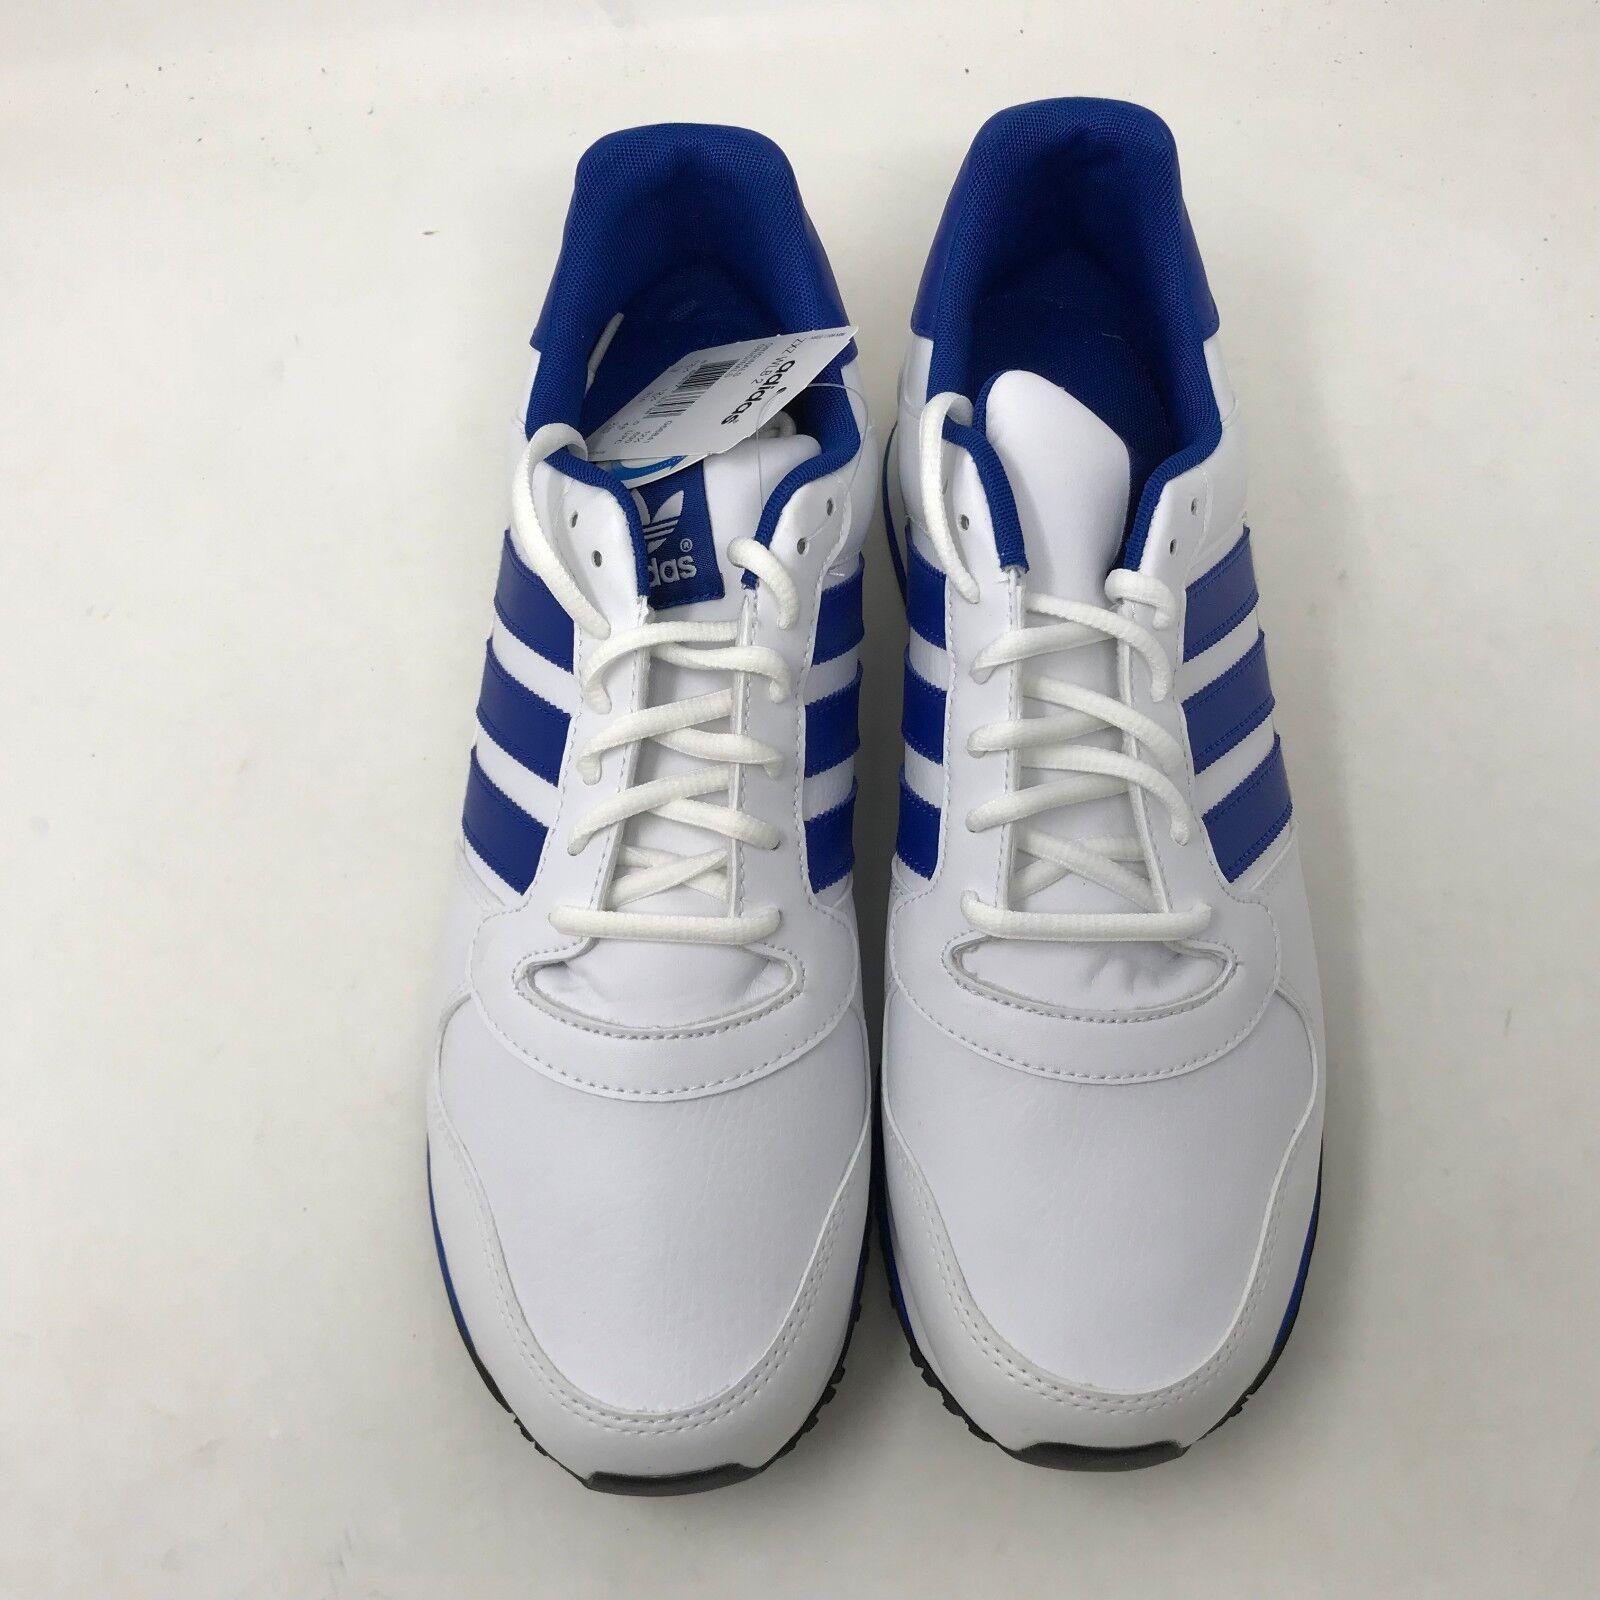 La nuova annata uomini zxz adidas zxz uomini wlb 2 g66841 dimensioni 11,5 848af9